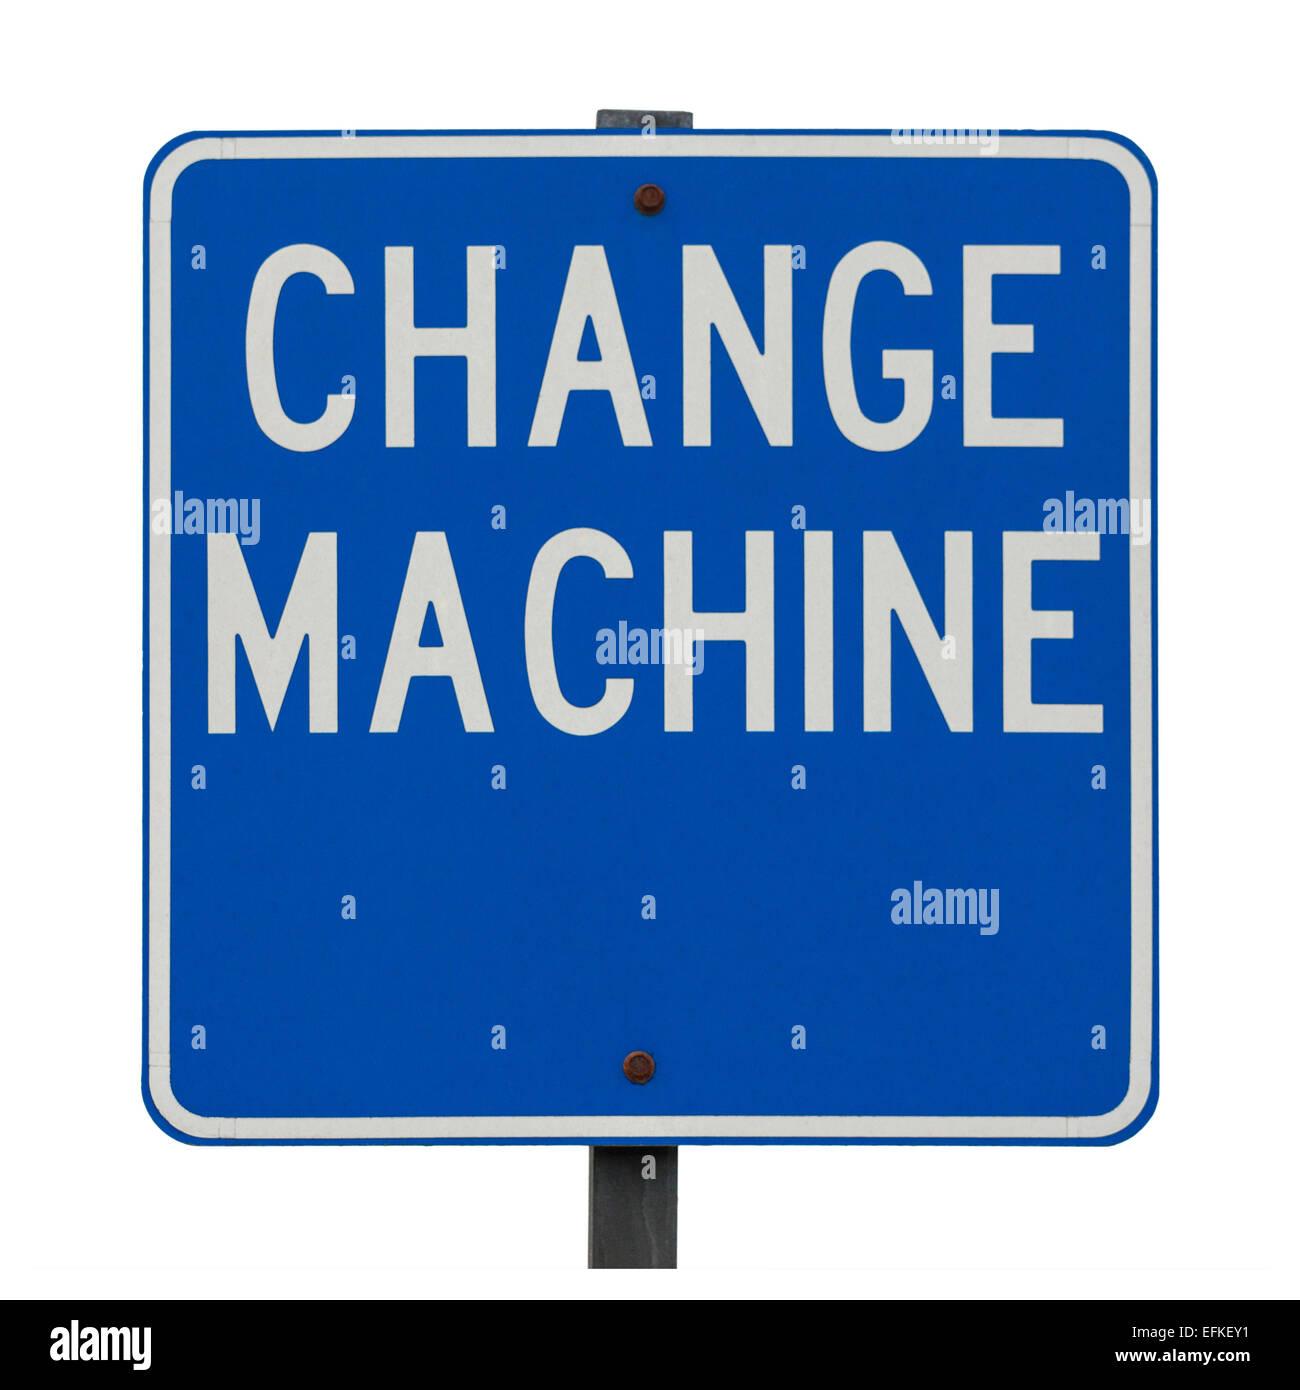 Wegweiser mit Änderung Maschine Pluszeichen ein Geldwechsel Maschine. Konzeptidee, blau isoliert anmelden weiß. Stockbild